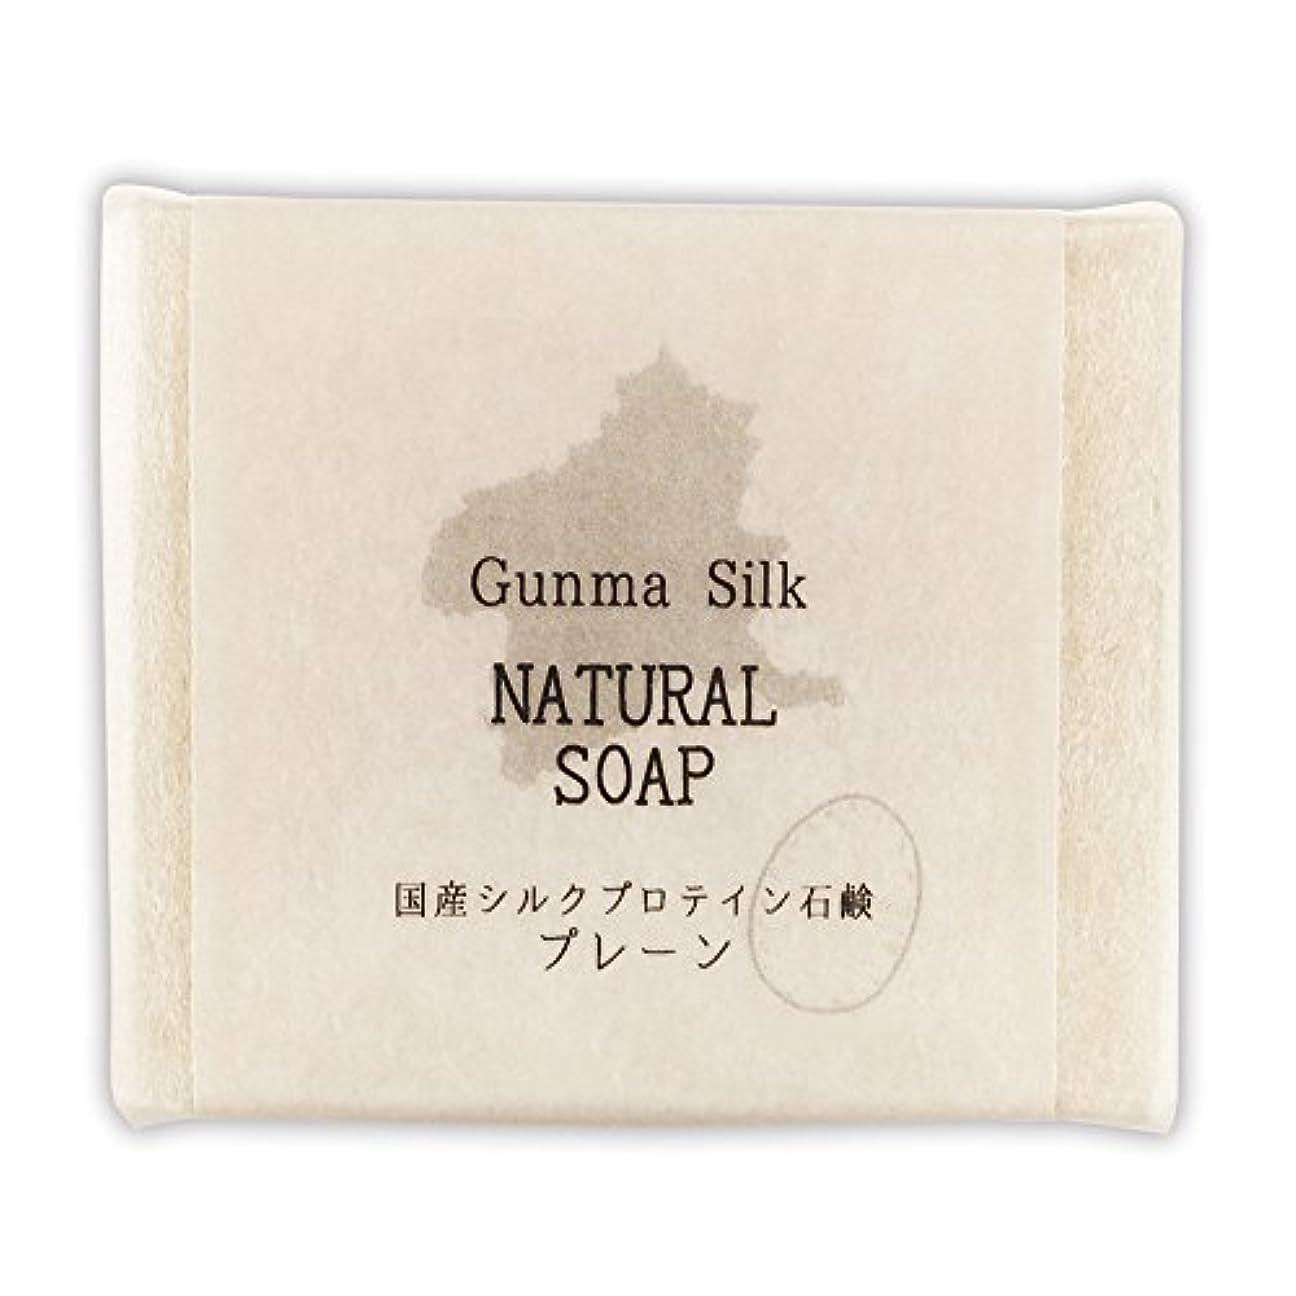 きしむミント中BN 国産シルクプロテイン石鹸 プレーン SKS-01 (1個)